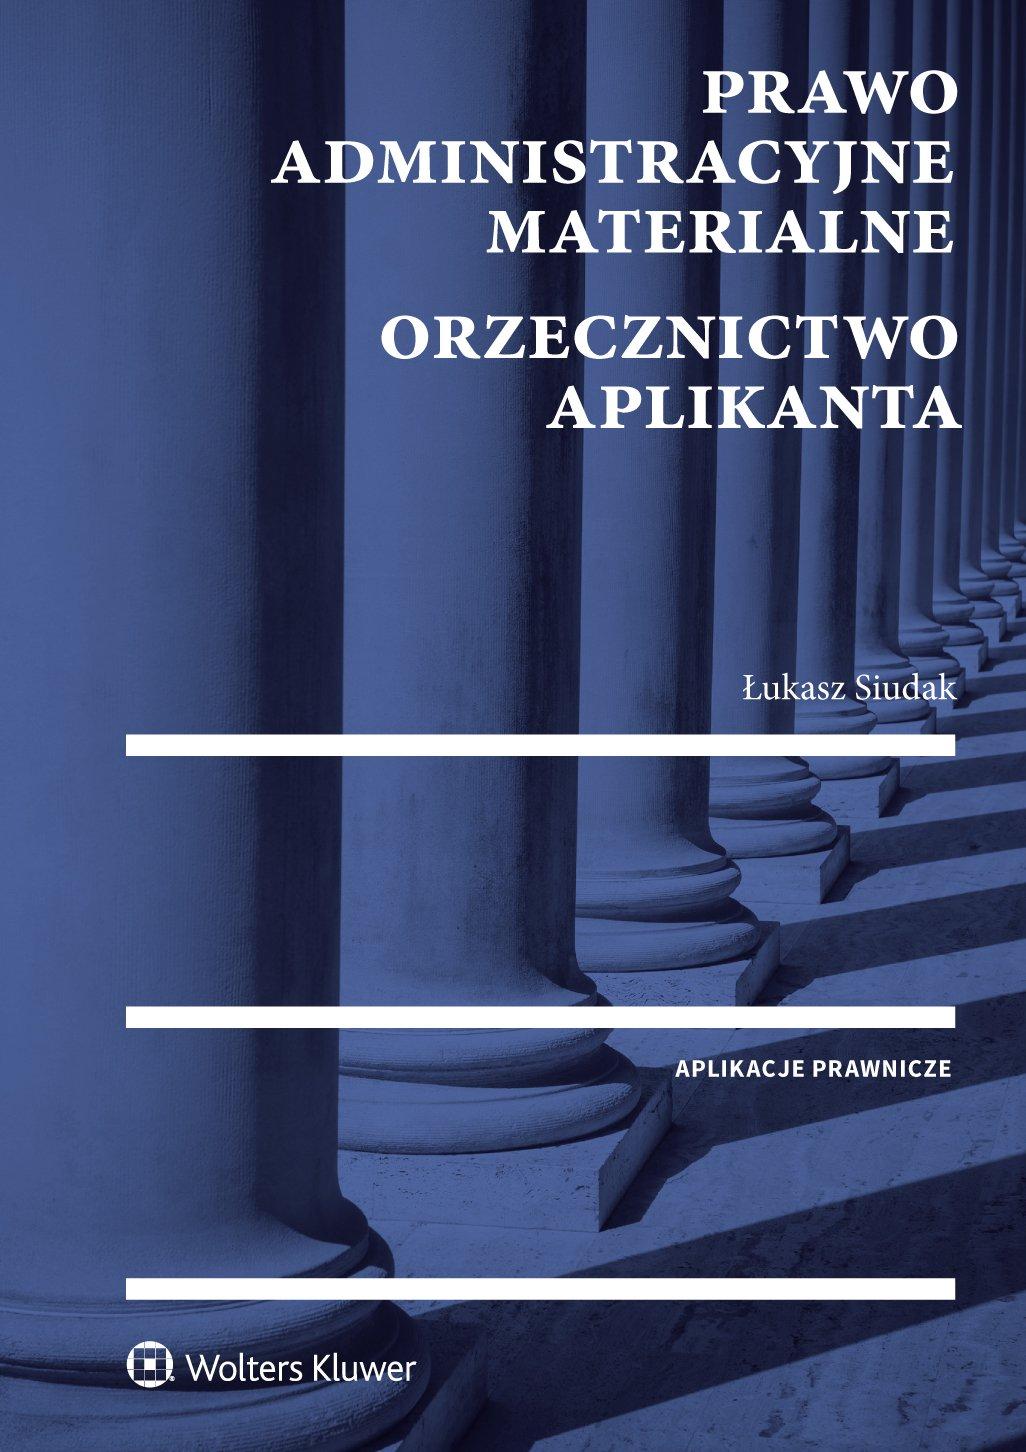 Prawo administracyjne materialne. Orzecznictwo aplikanta - Ebook (Książka EPUB) do pobrania w formacie EPUB